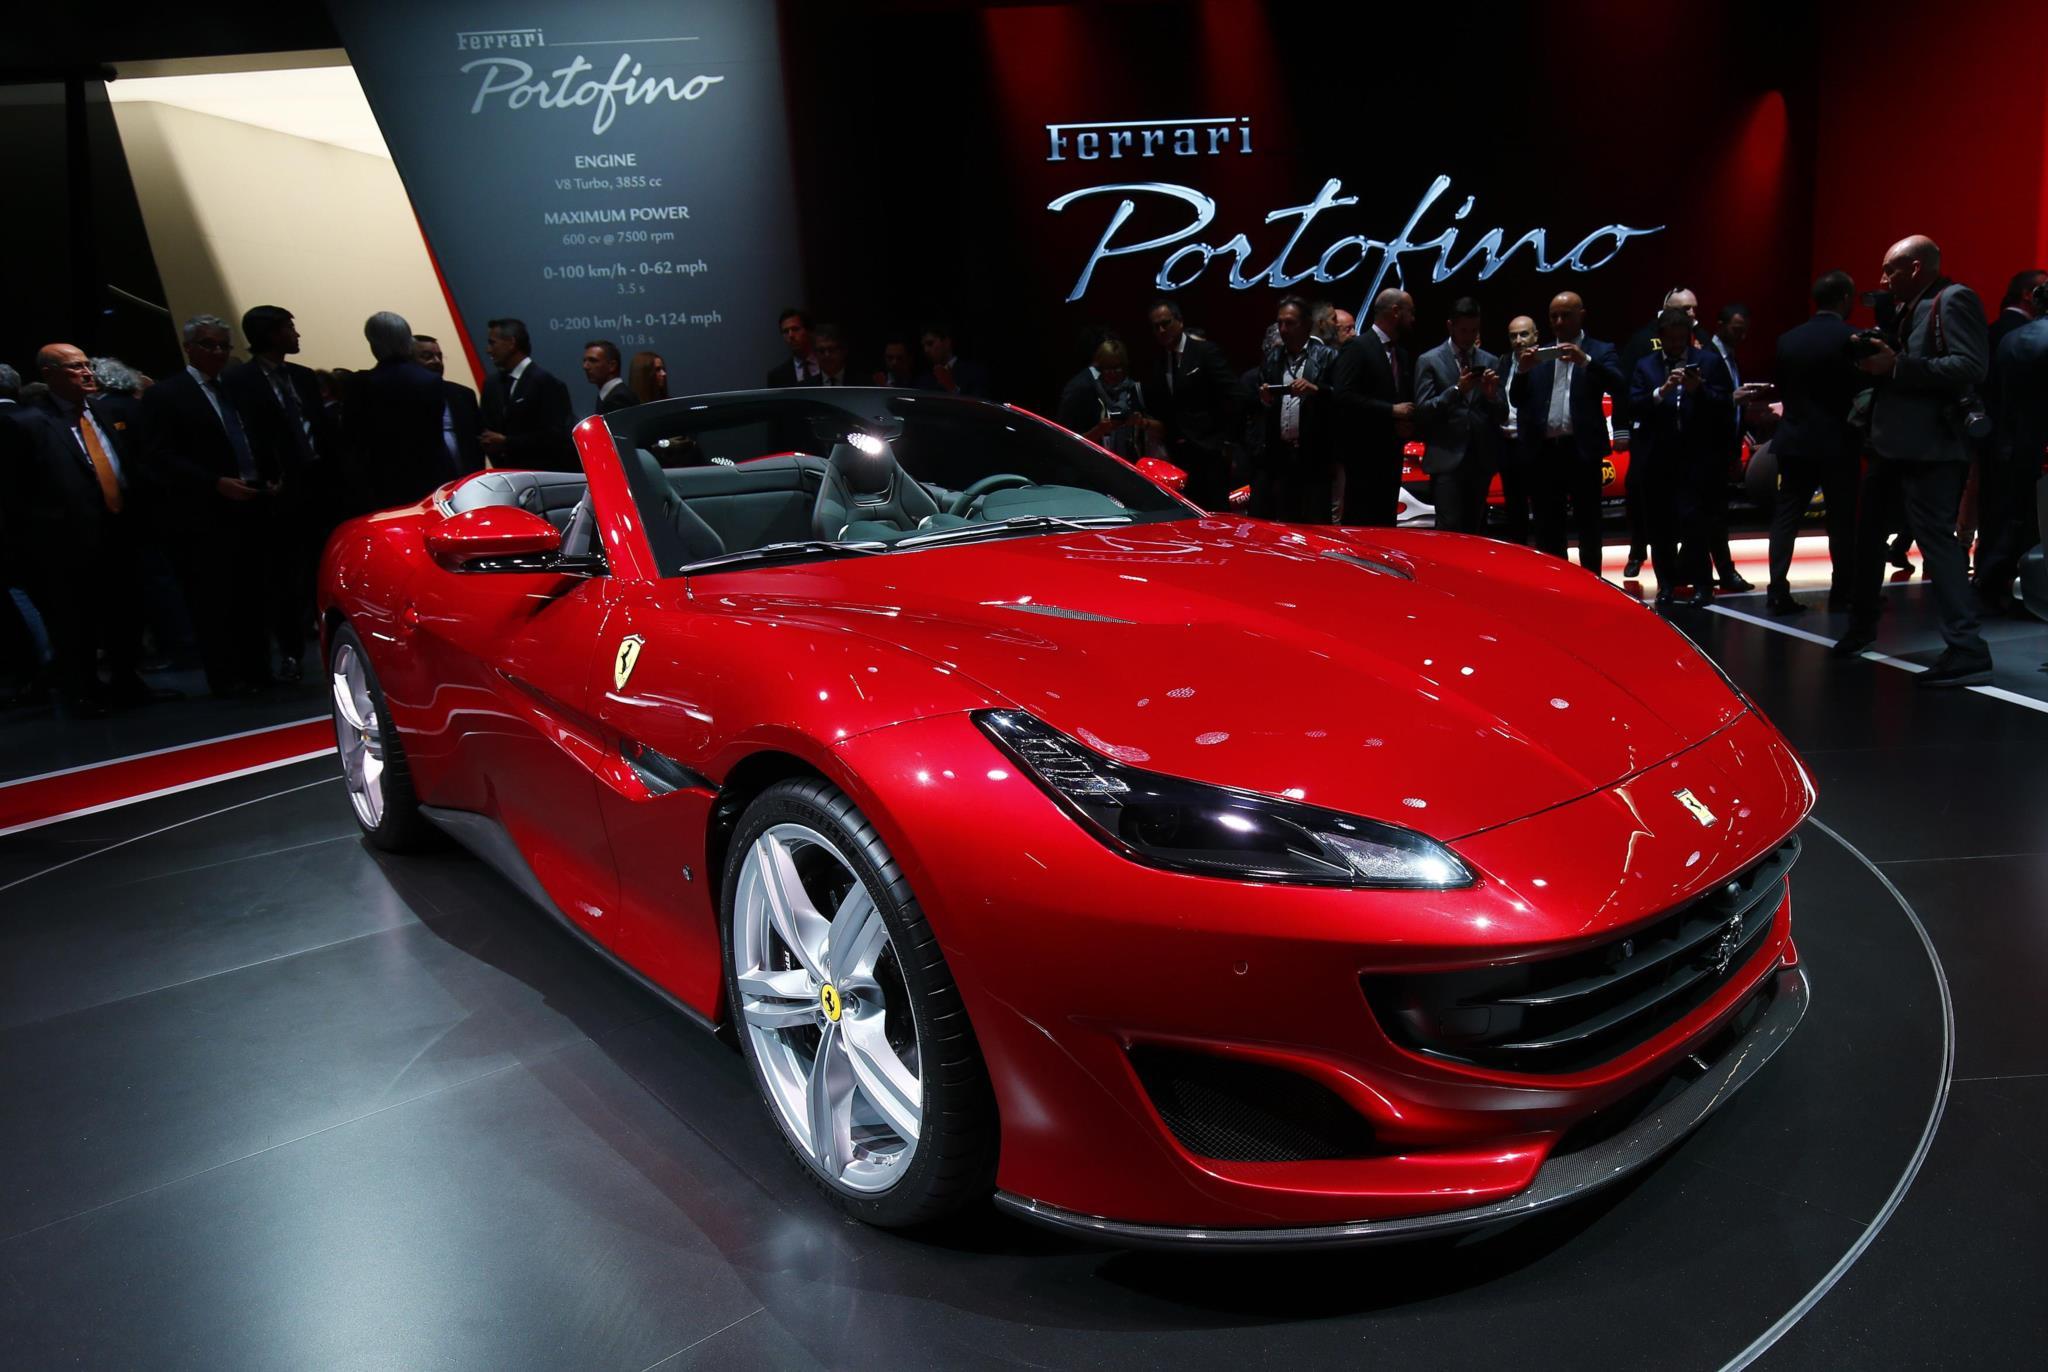 Novo Ferrari Portofino